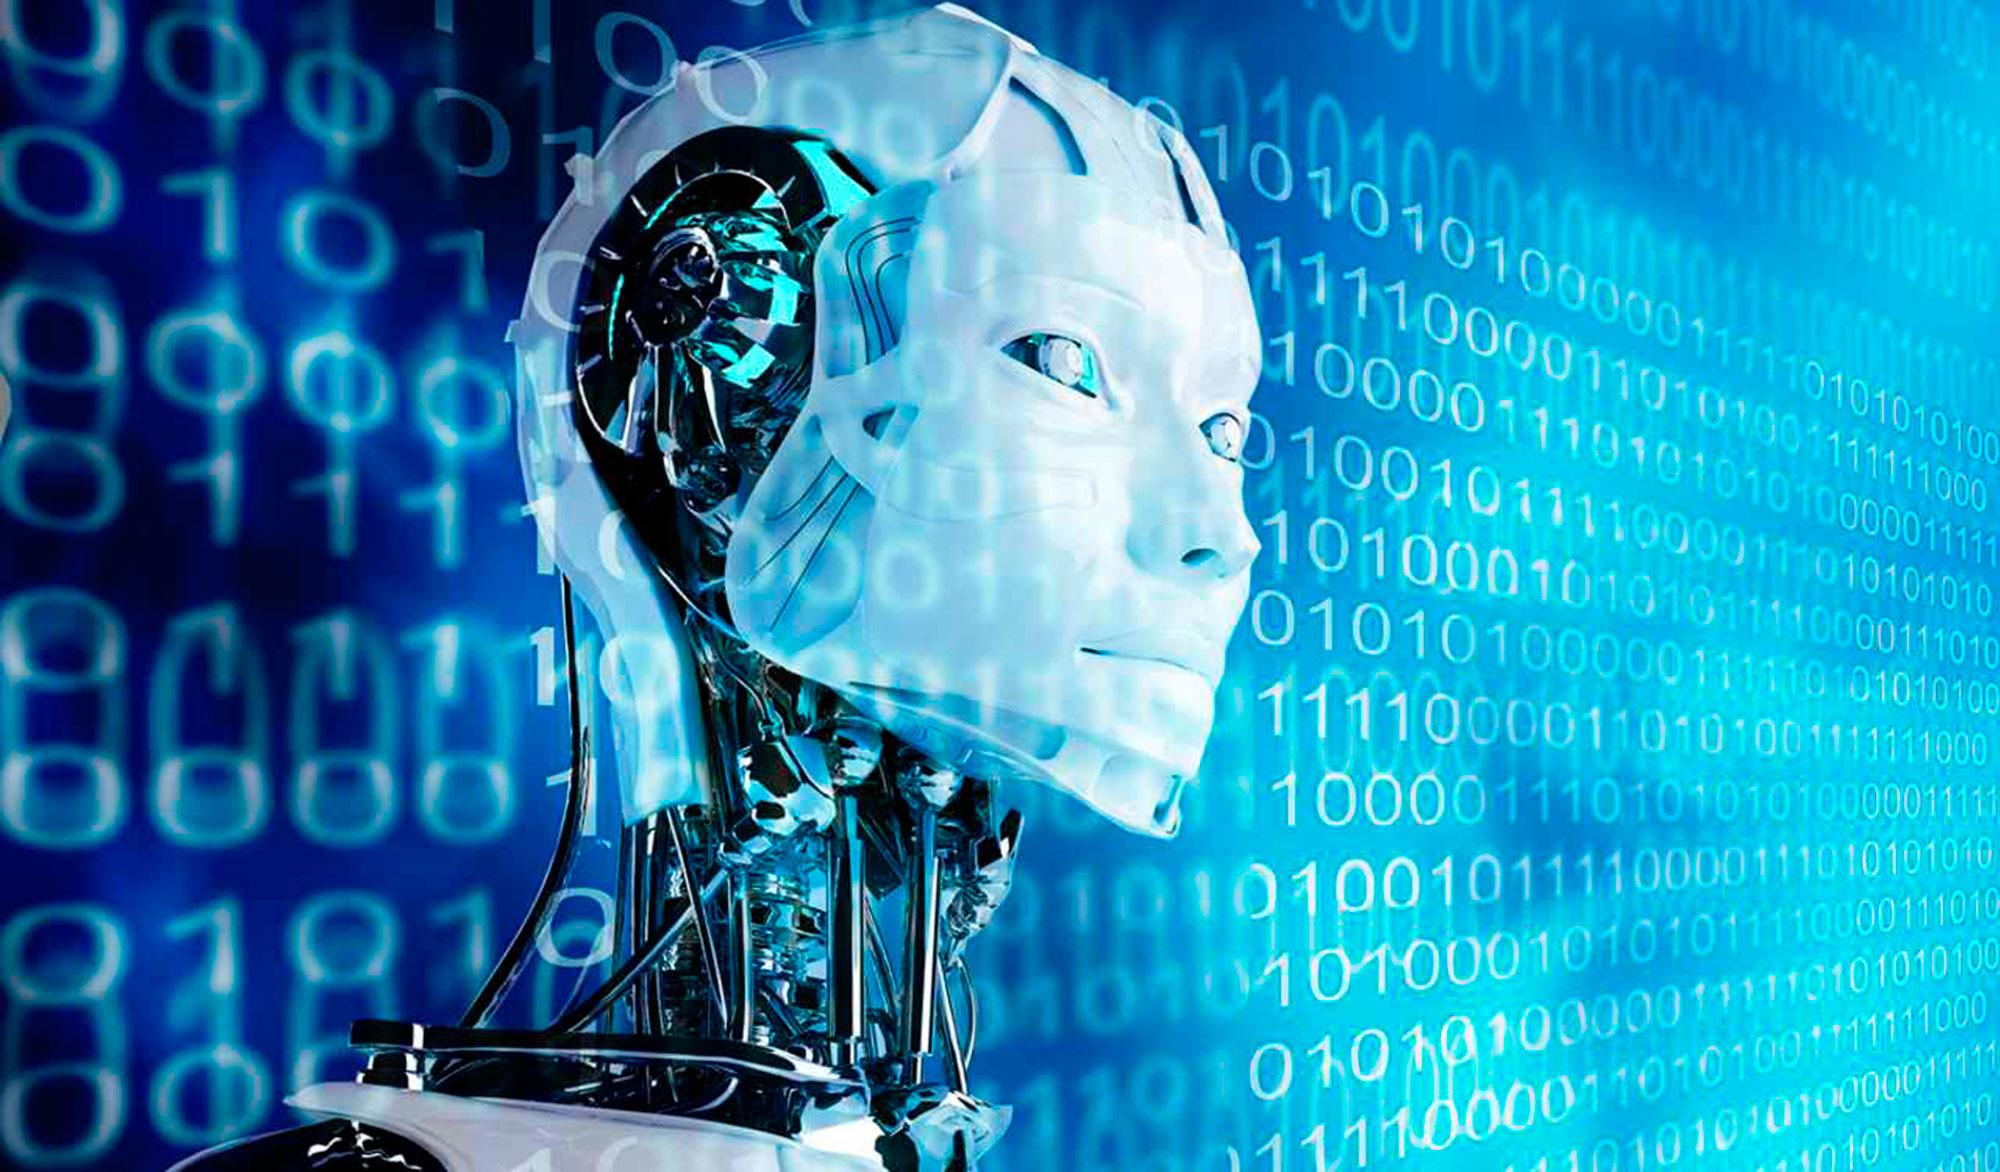 Искусственный интеллект – ai, ann и иные формы искусственного разума / хабр